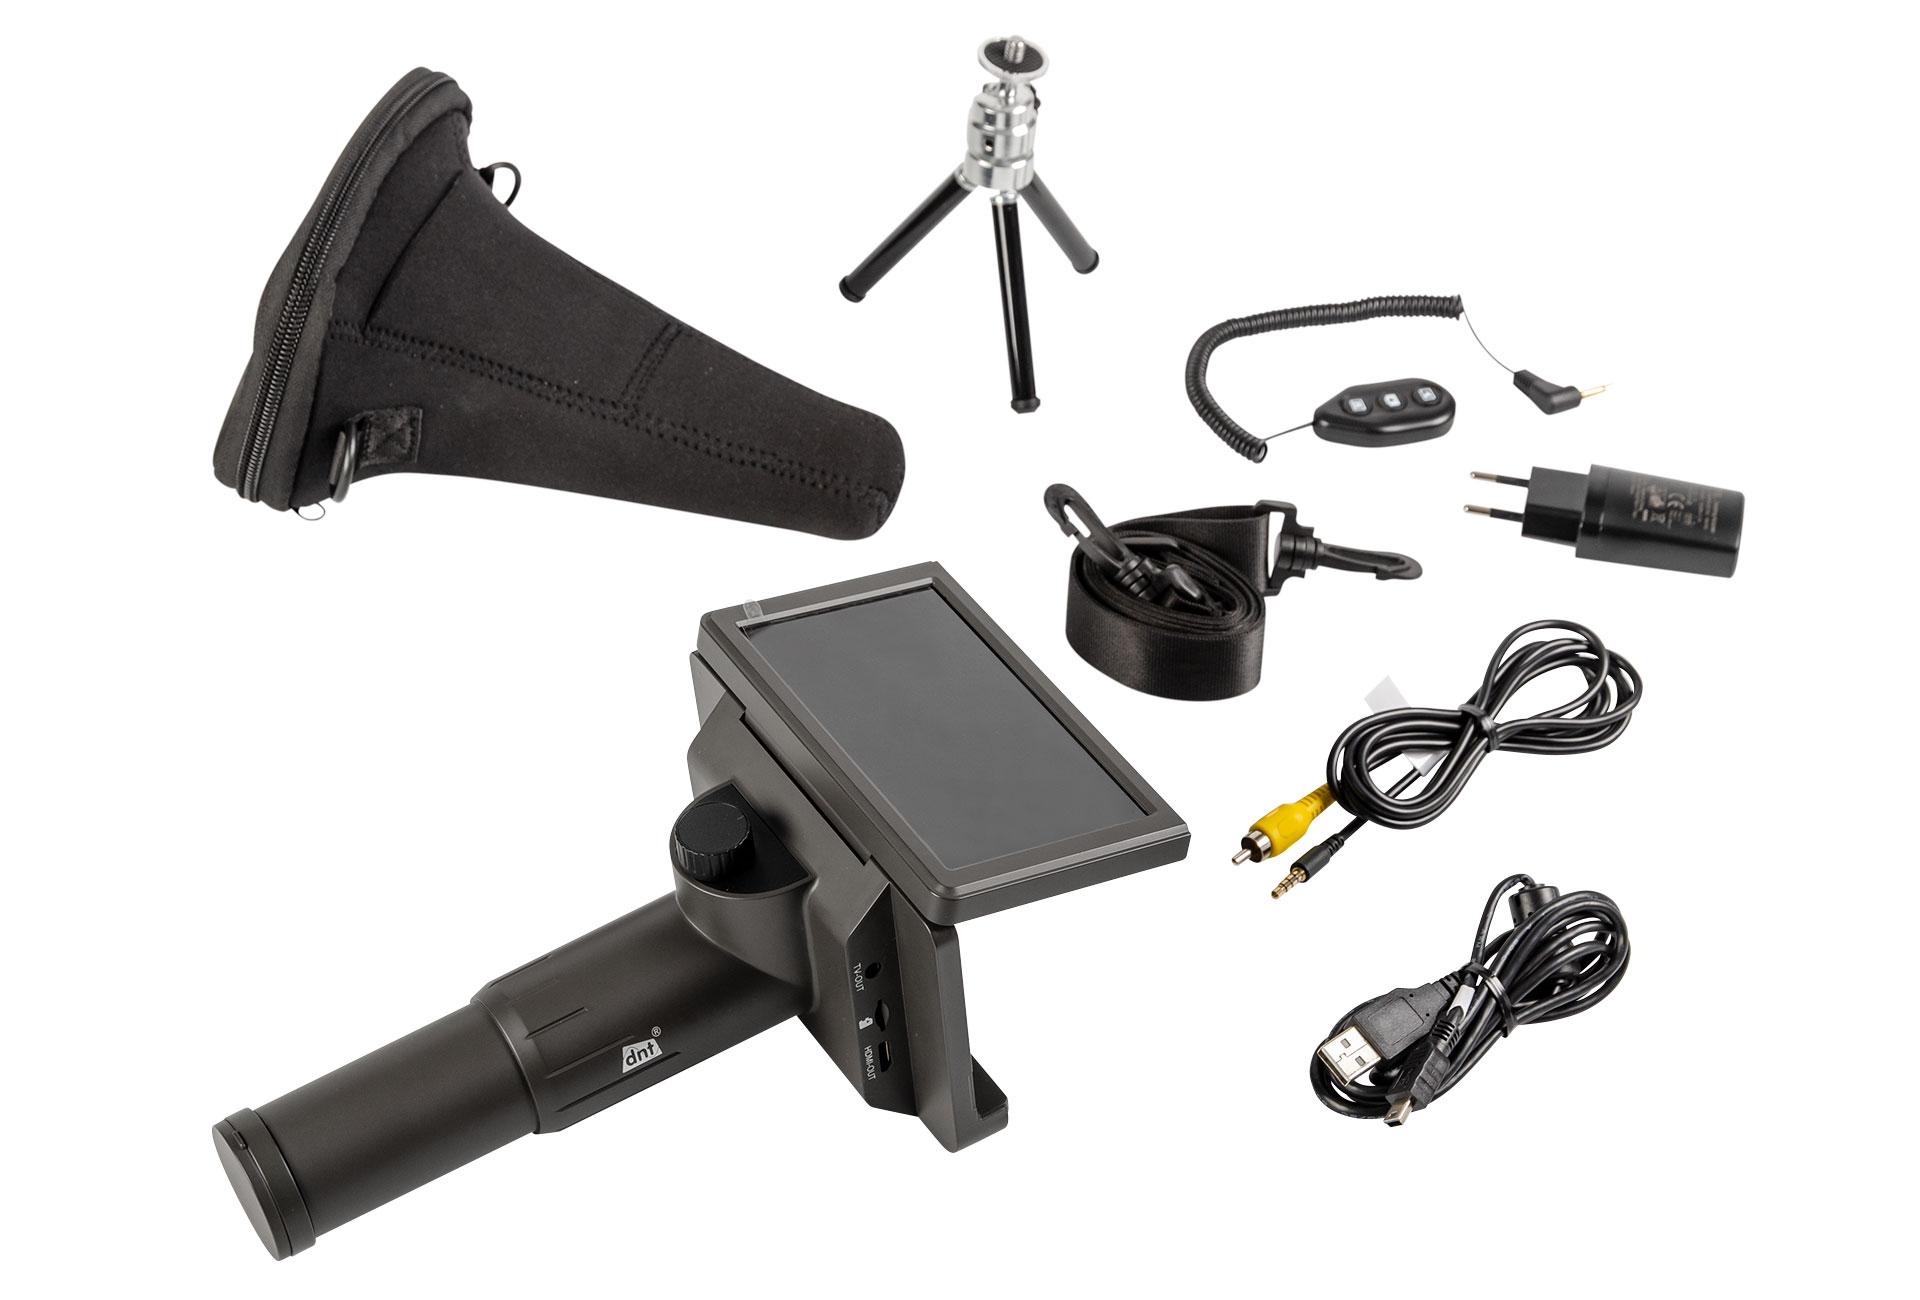 Digitales Teleskop DigiTele PRO – Lieferumfang